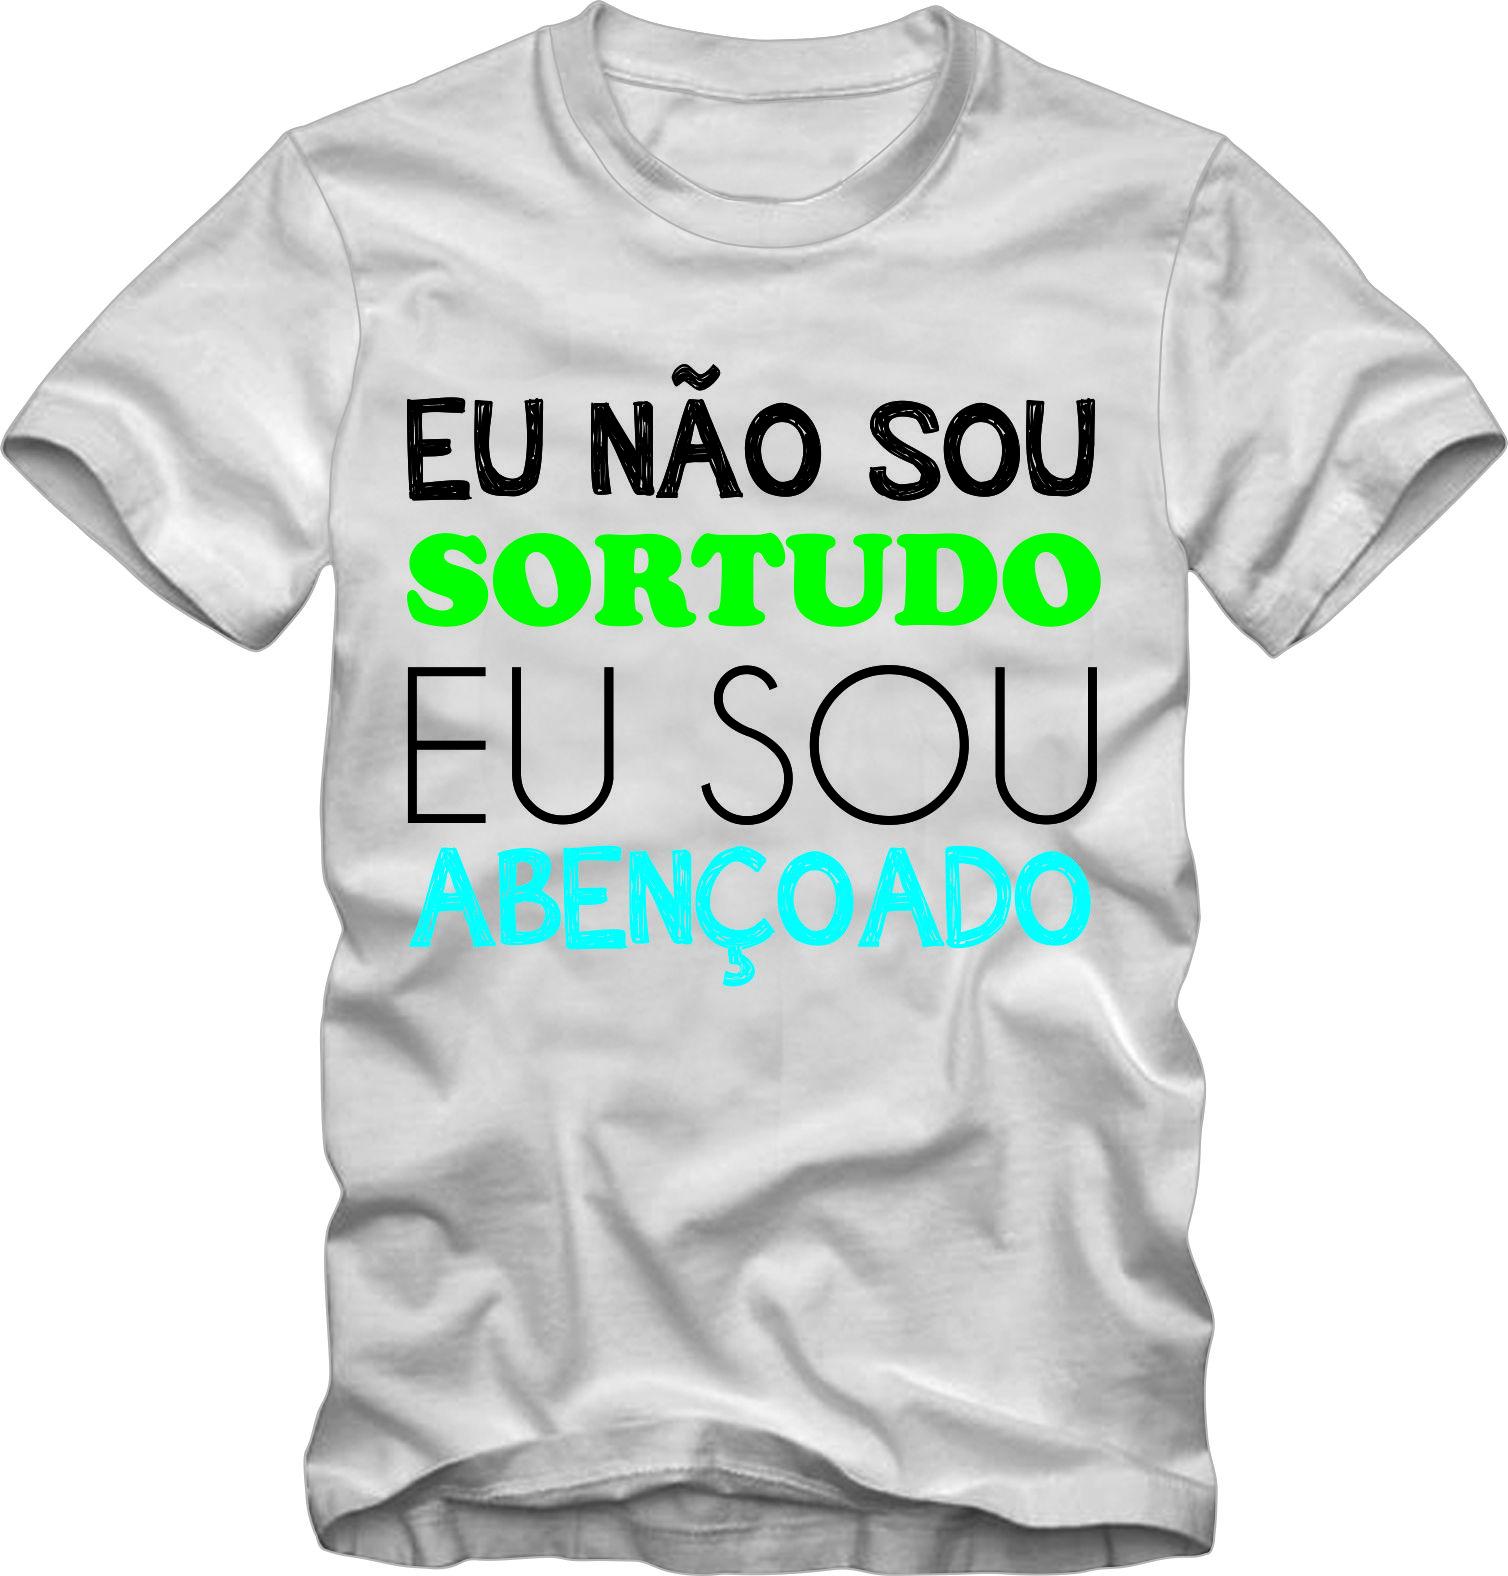 a36f5d4ae Camisas e uniformes personalizados para empresas loja comércio jpg  1508x1576 Biblia cristas gospel camisas para jovens